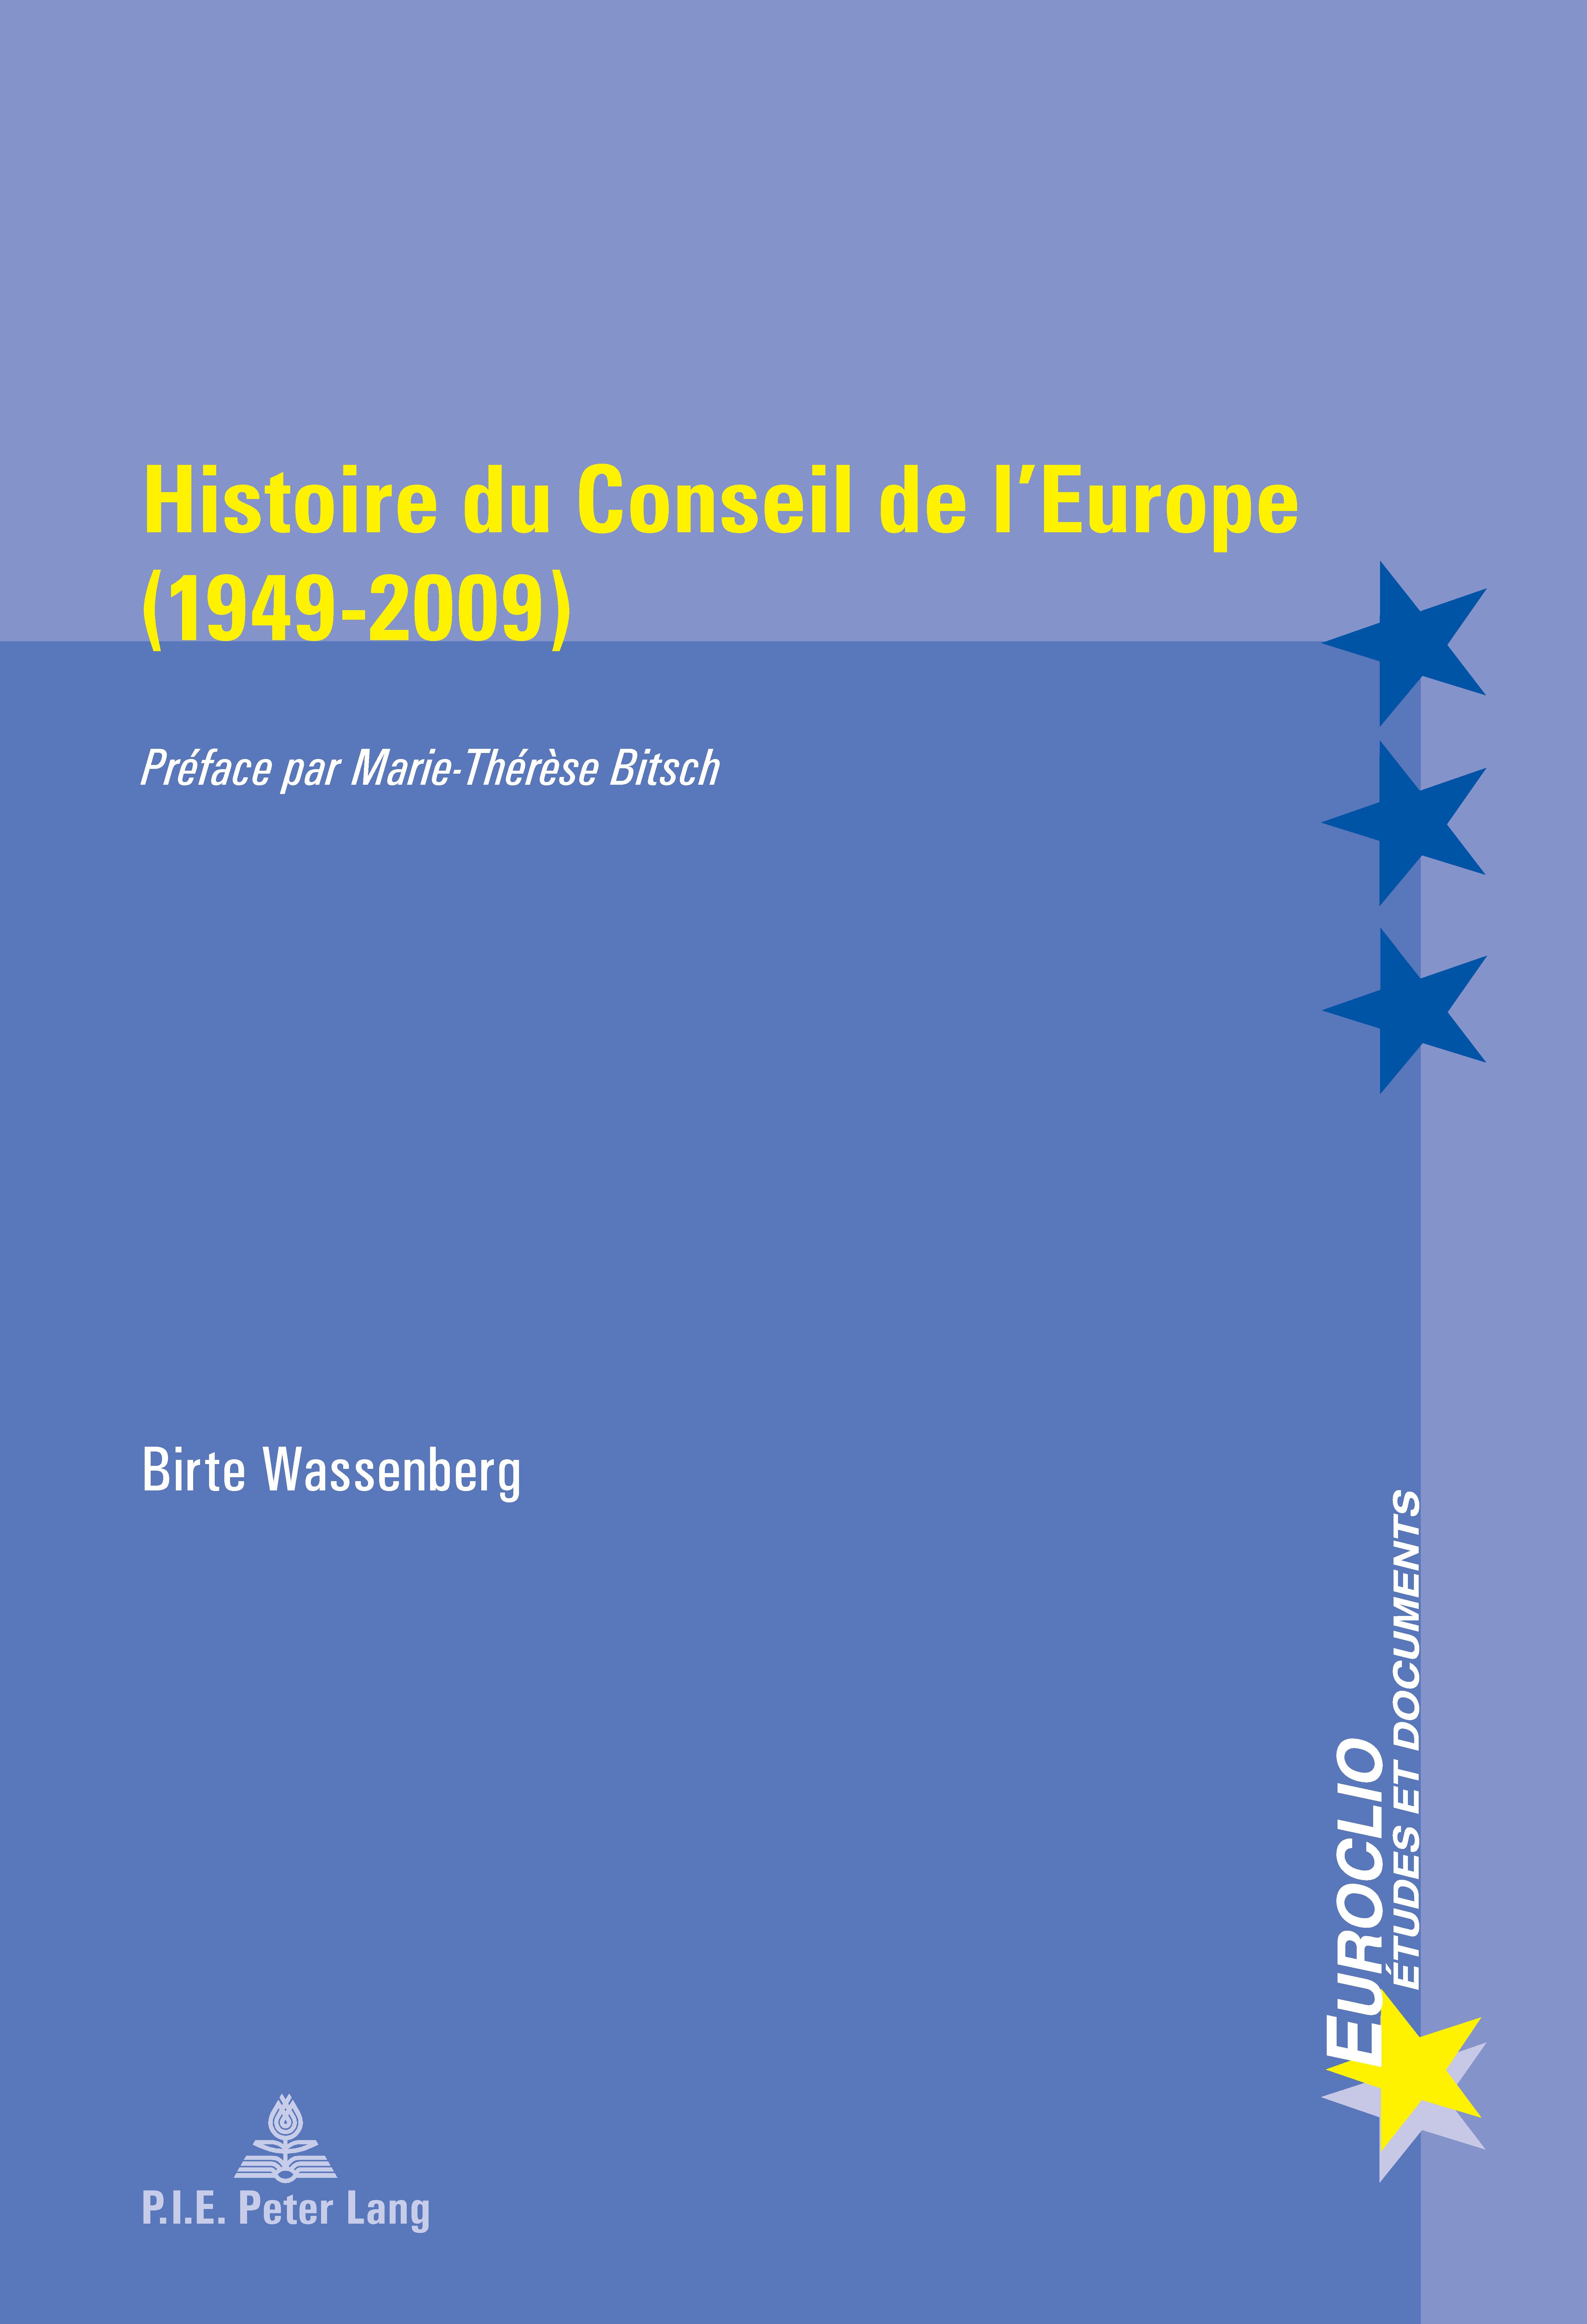 HISTOIRE DU CONSEIL DE L'EUROPE (1949 - 2009)